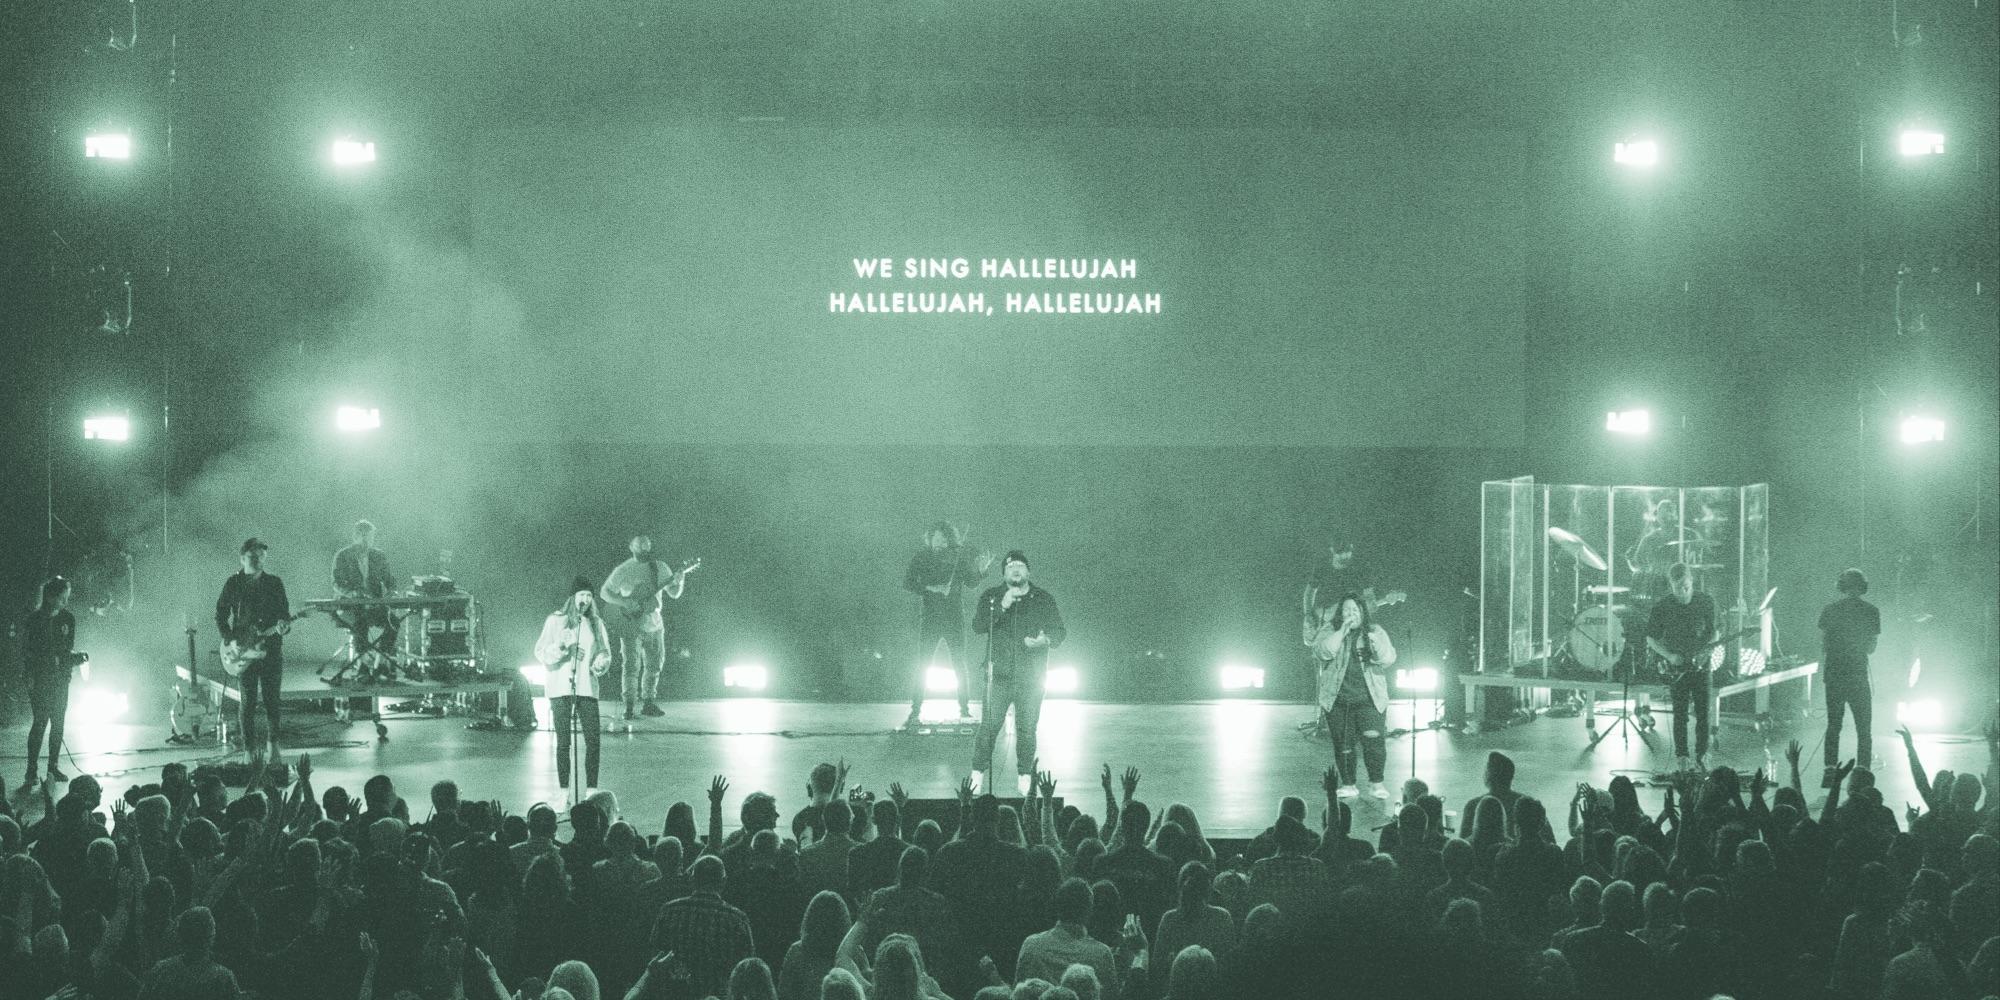 A worship band singing Hallelujah